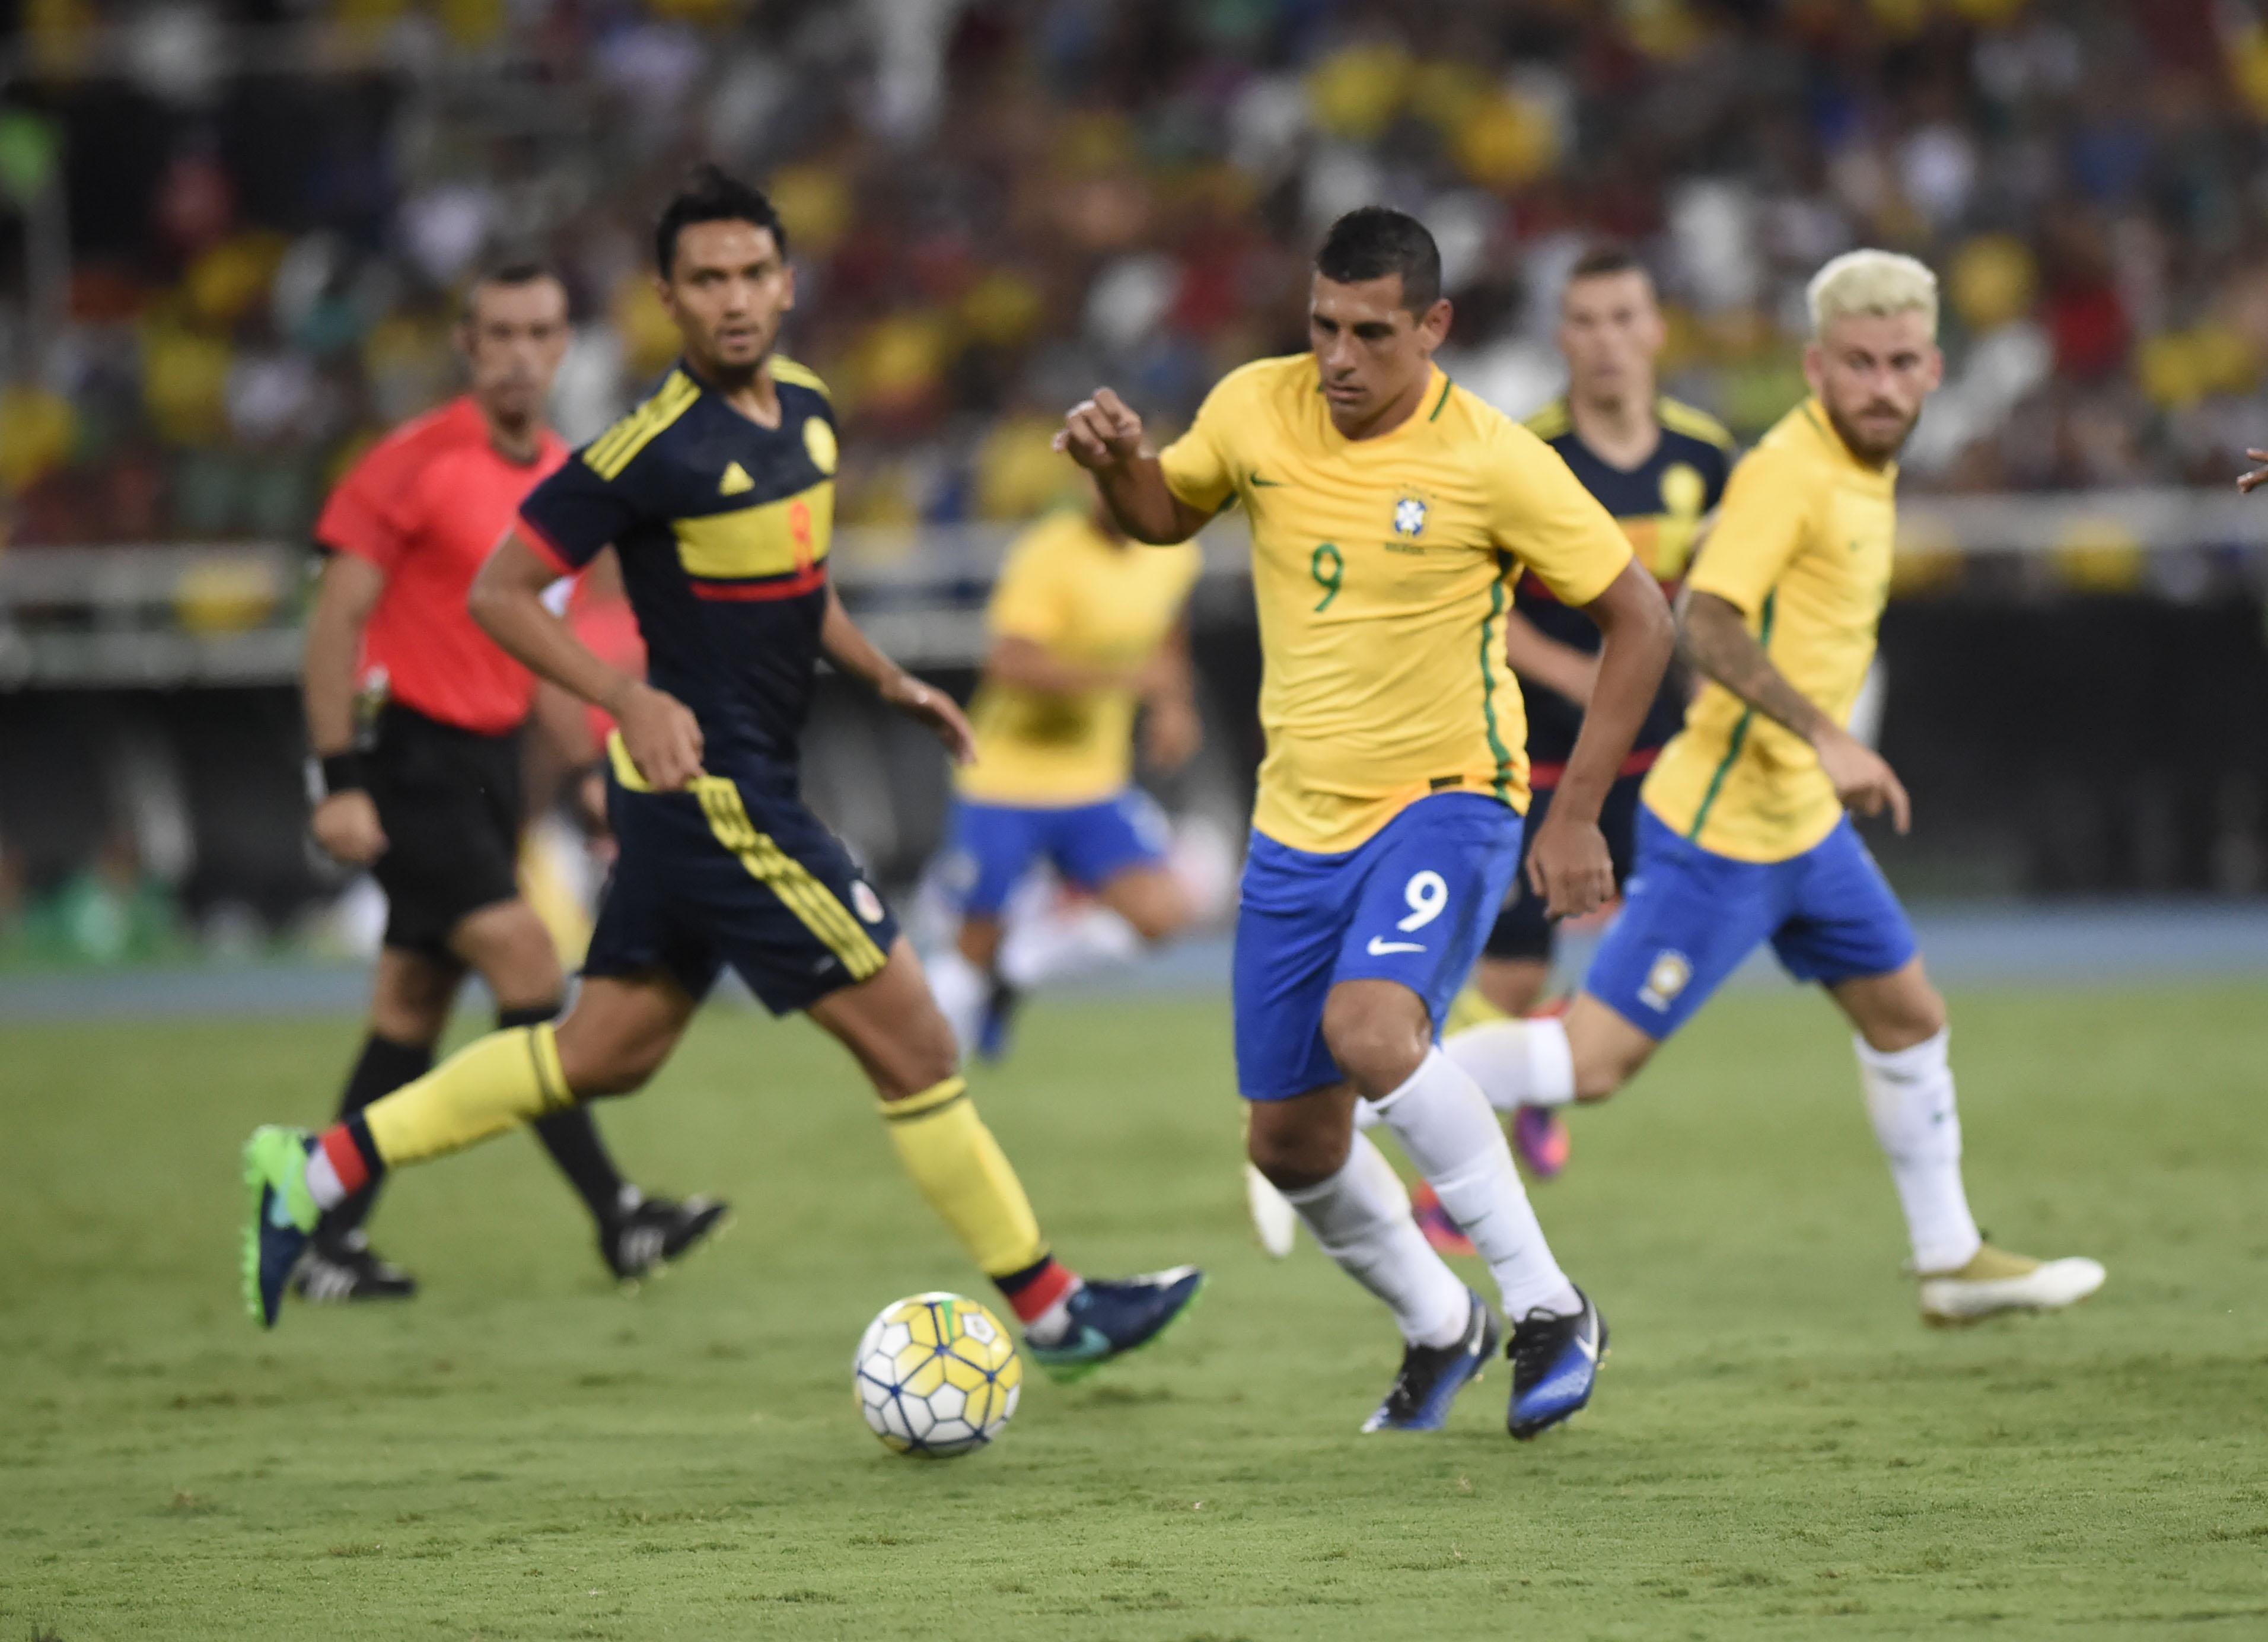 Diego Souza e Ederson estarão na lista de Tite  Mariano tem boa chance fcb1eaaaf0a5e